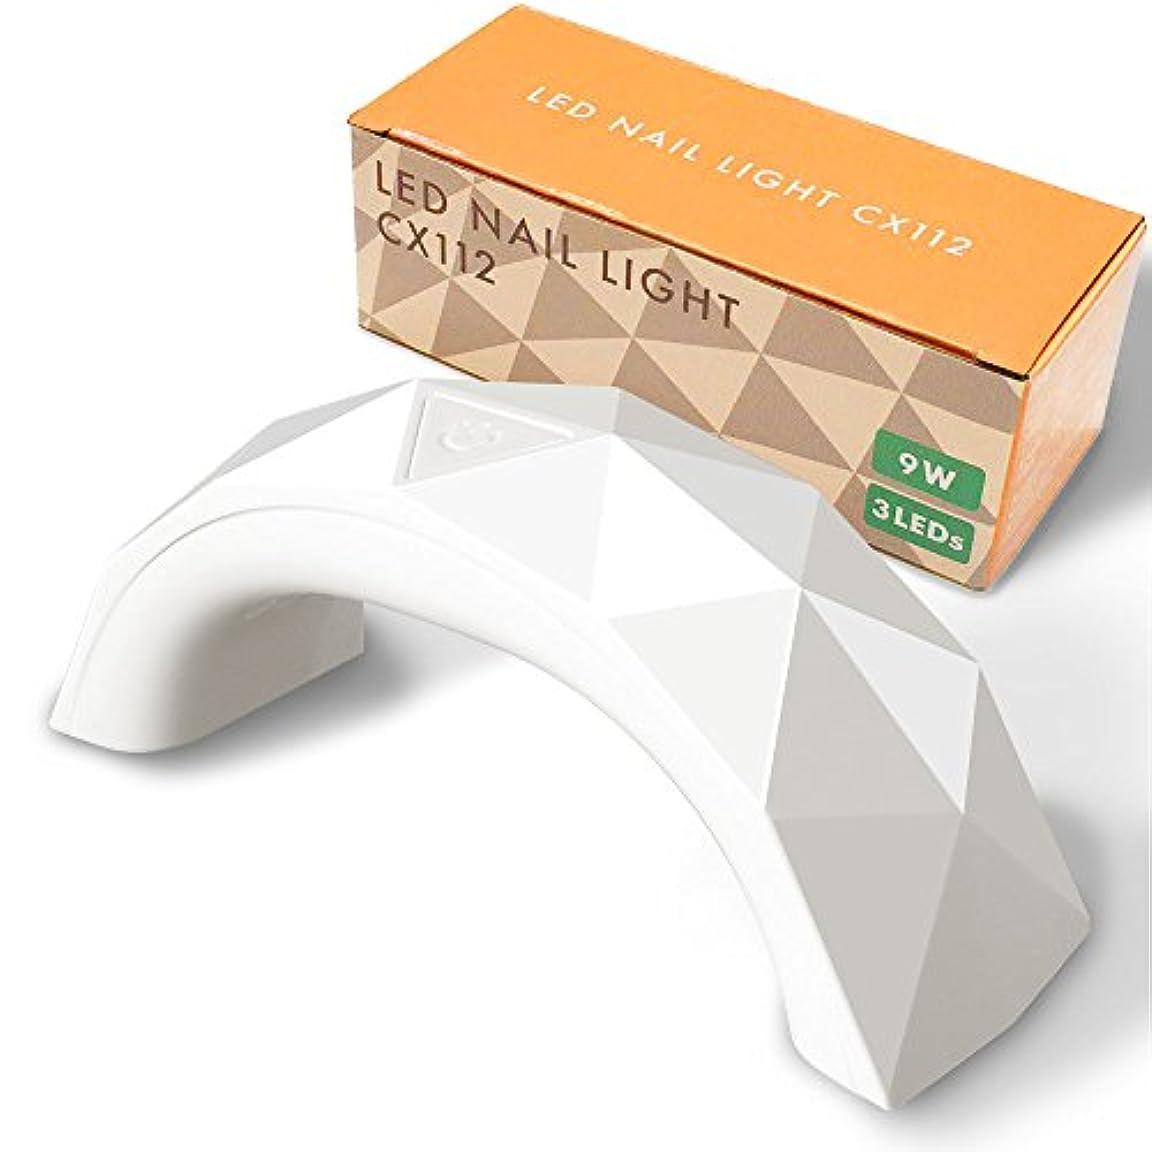 過去外出道を作る【Centrex】【CX112】ジェルネイル LEDライト 9W 硬化用ライト タイマー付き ハイパワーチップ式LED球 USB式 (ホワイト)